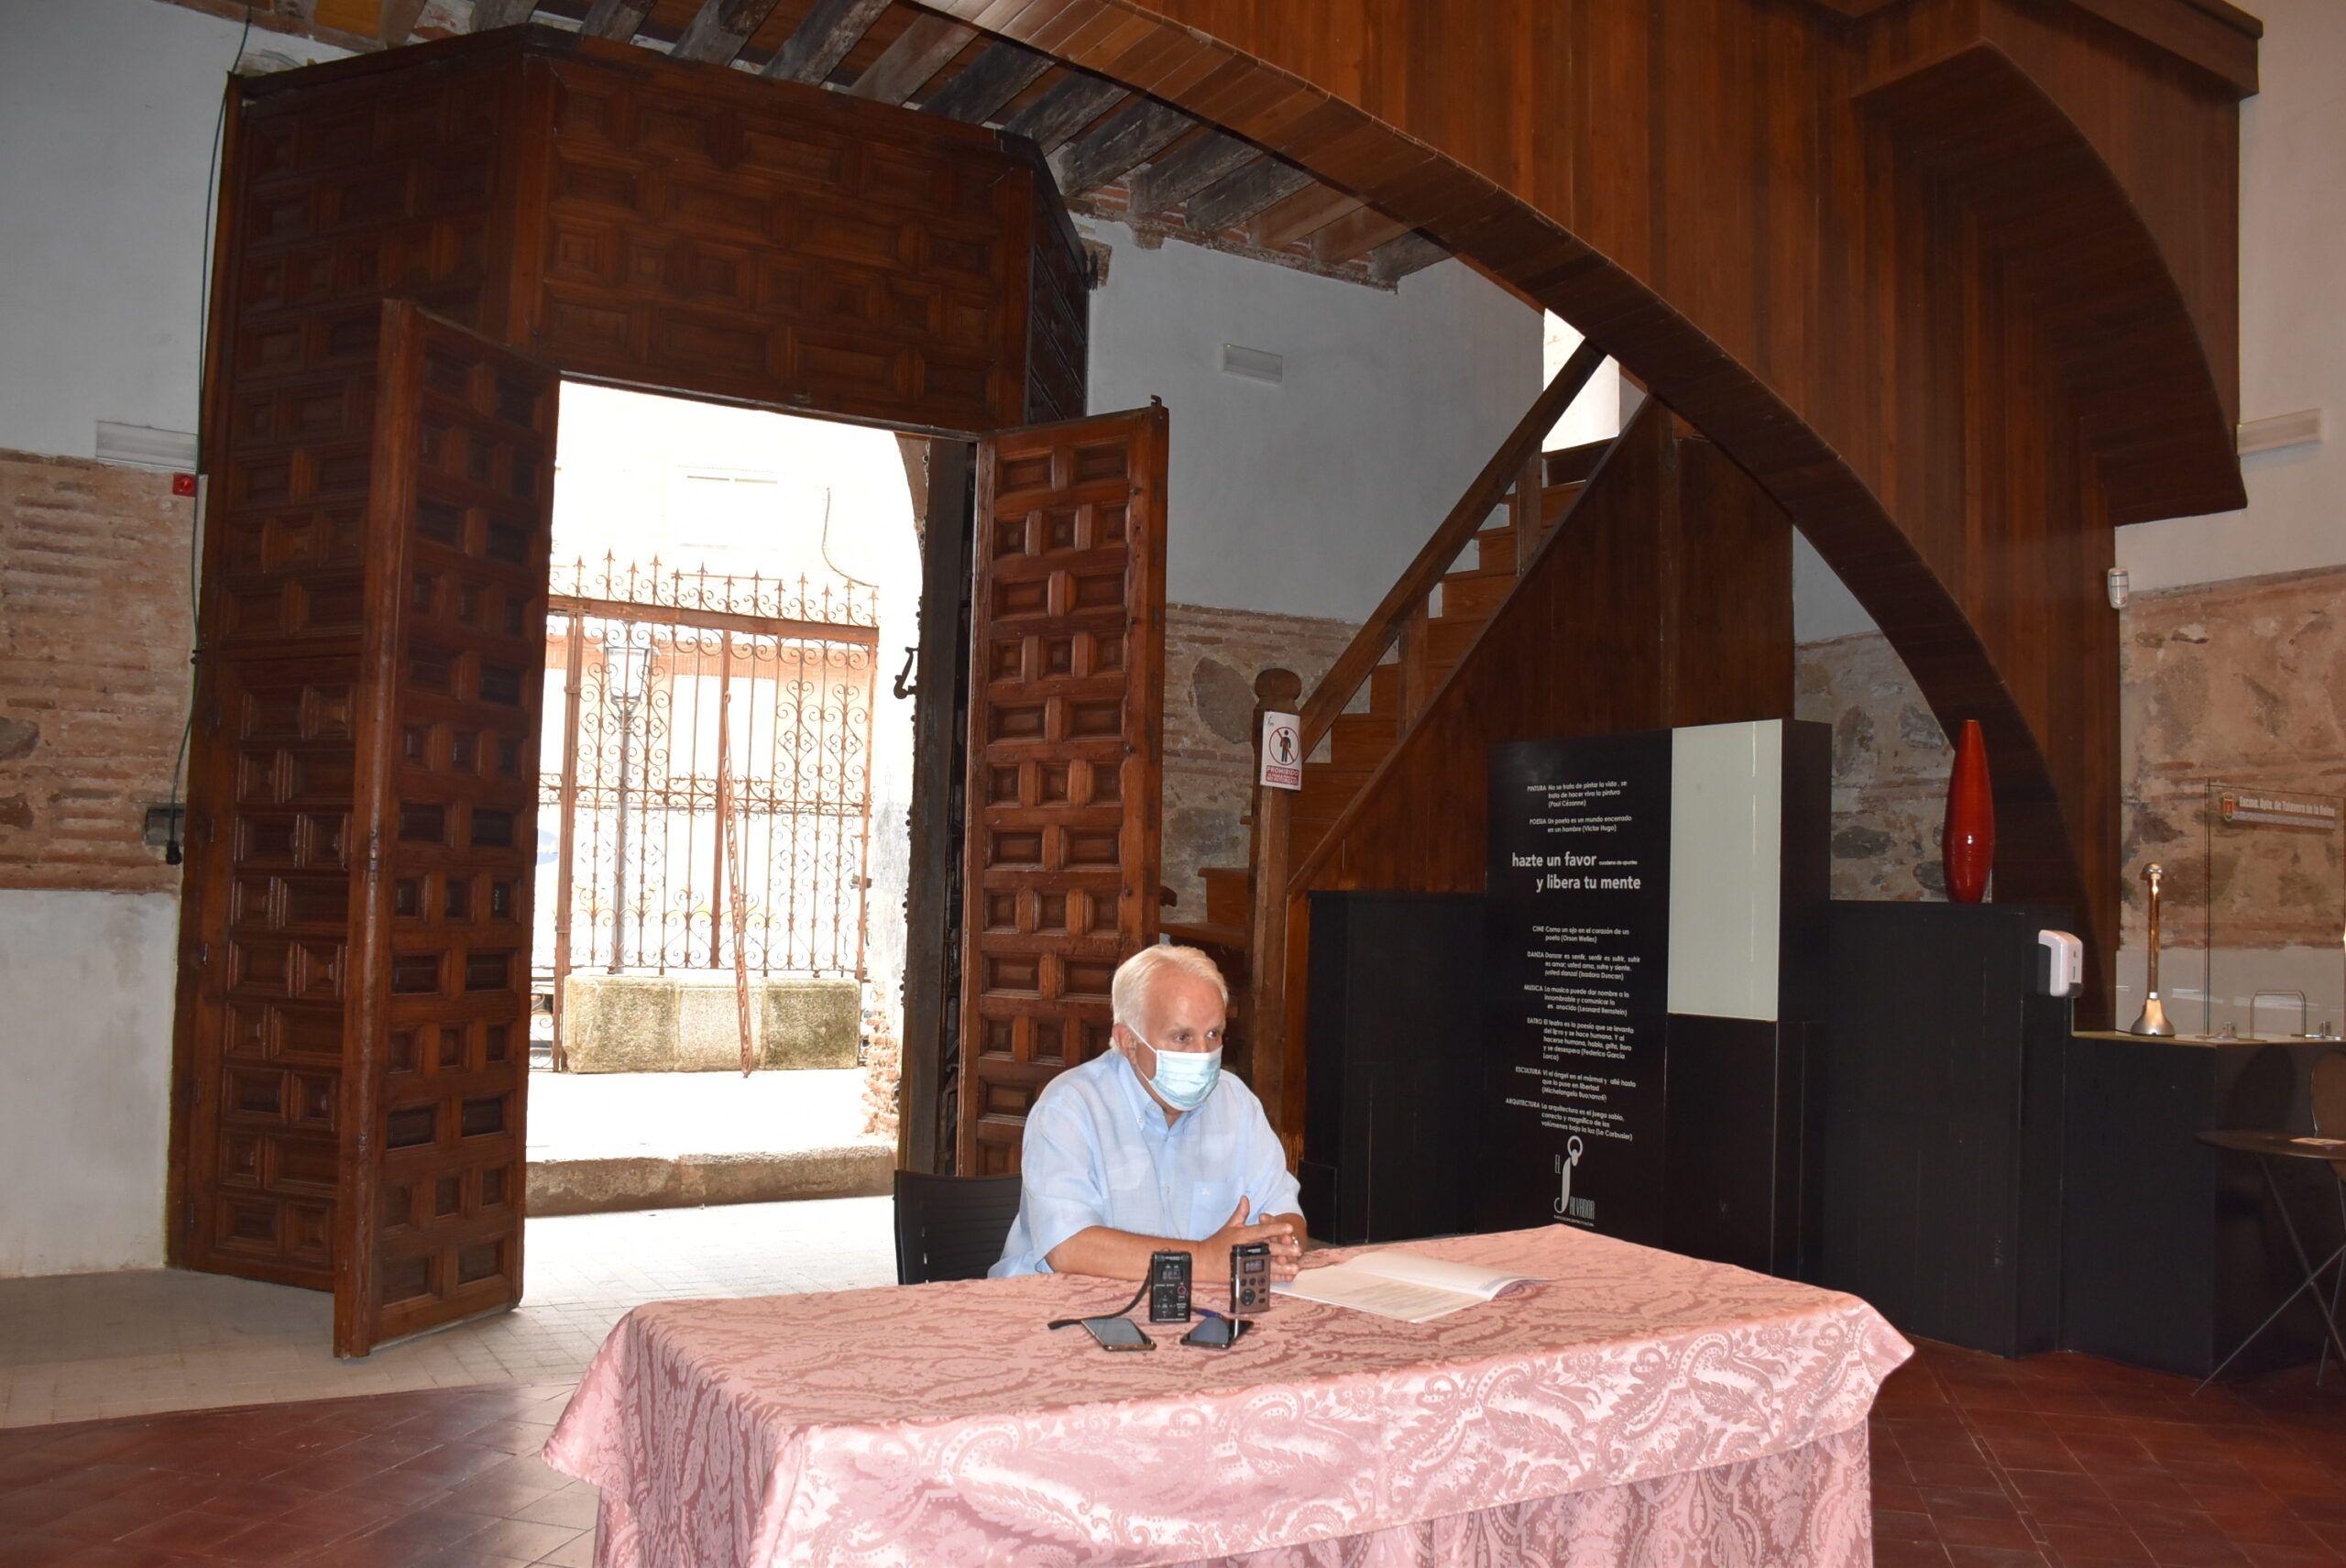 El Gobierno de Talavera destinará más de 1 millón de euros para la renovación y conservación de las infraestructuras culturales